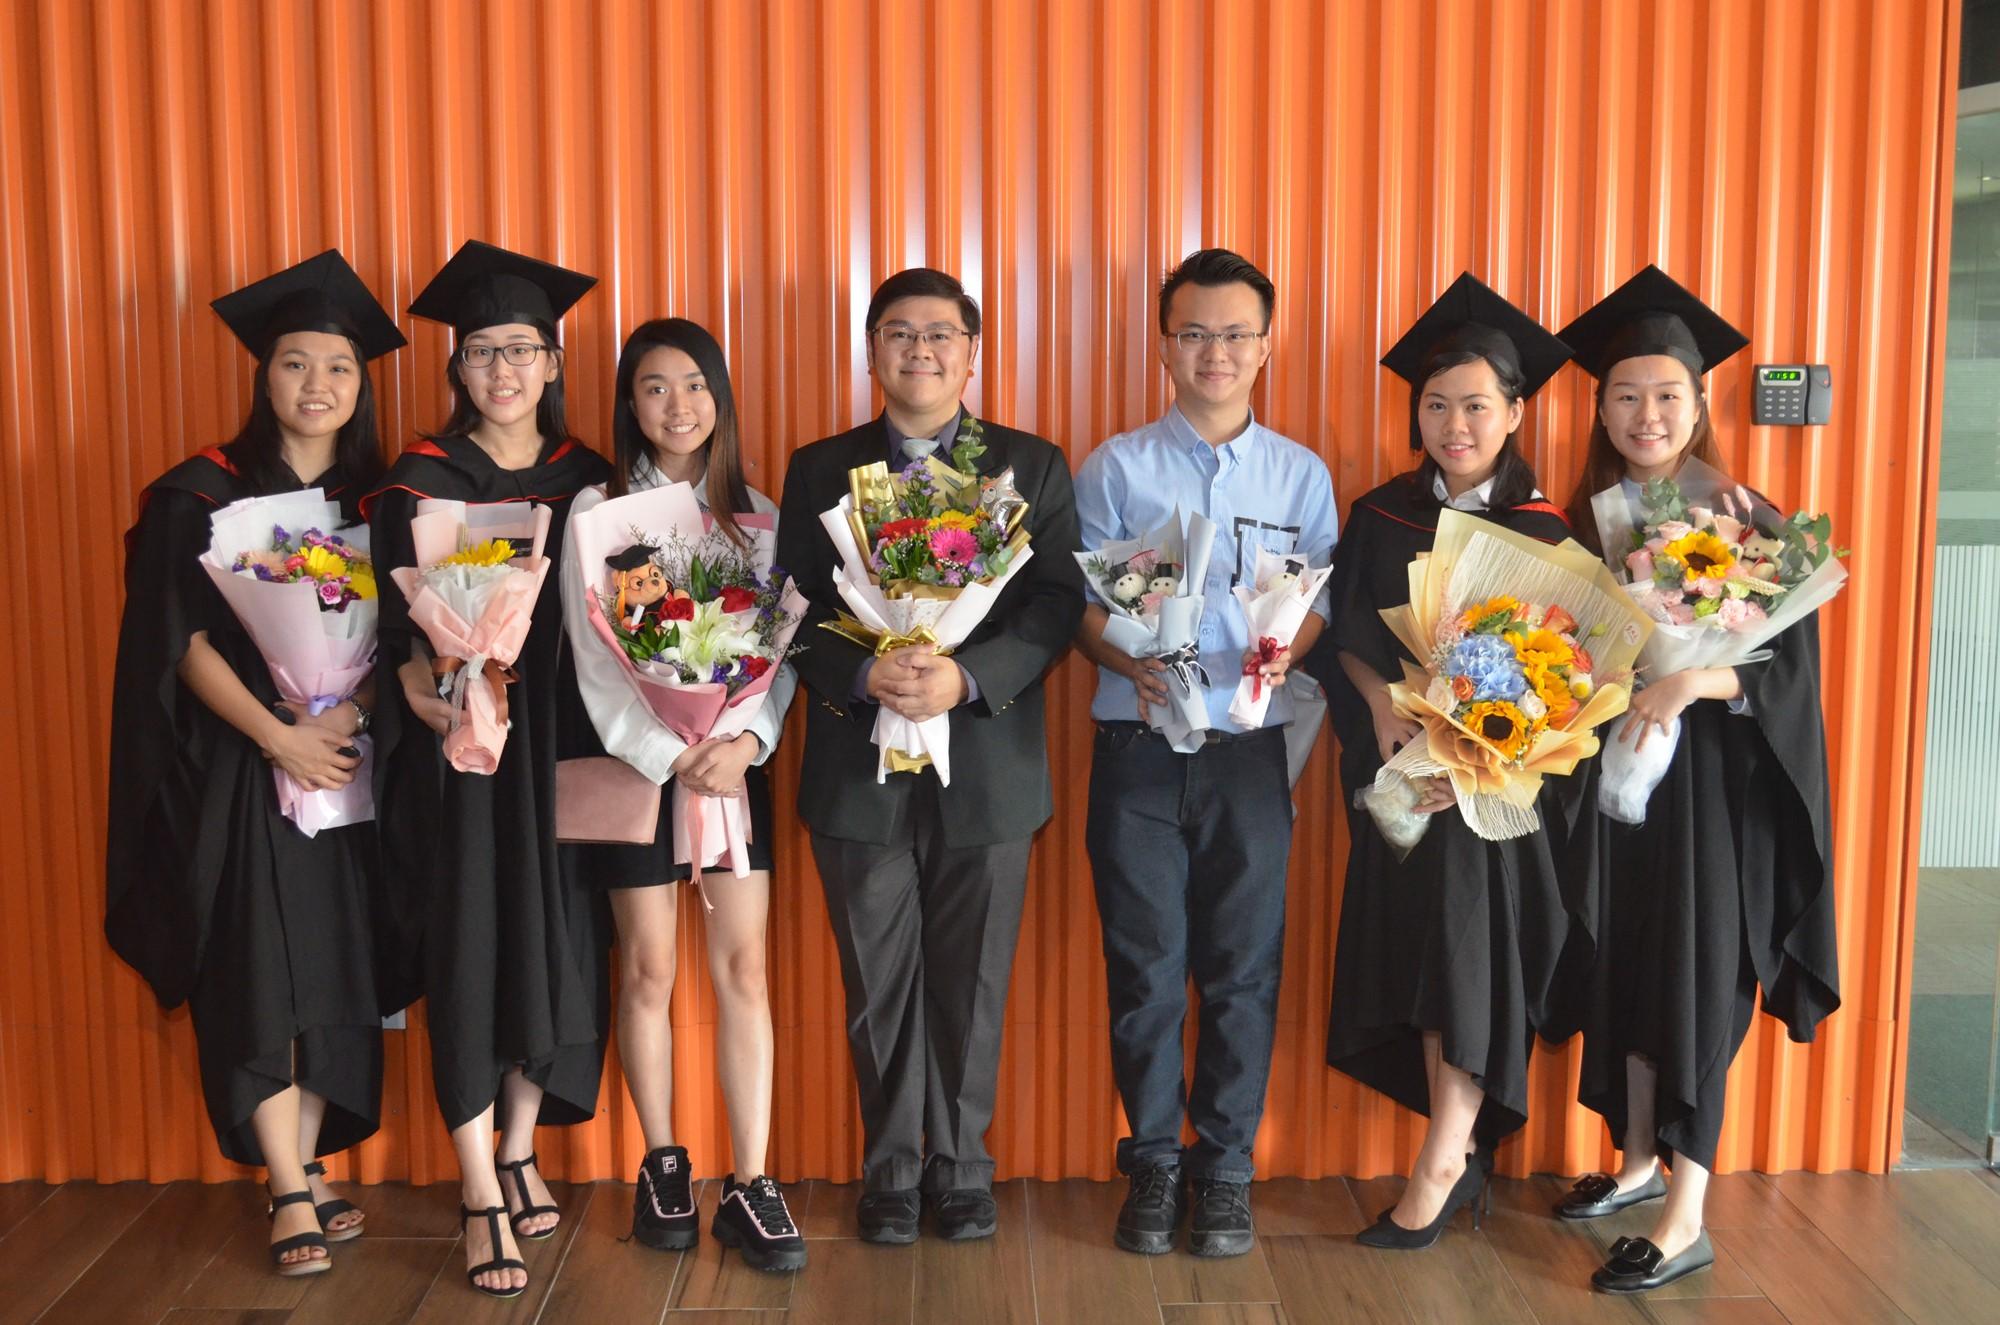 ACCA Graduates 3 2019